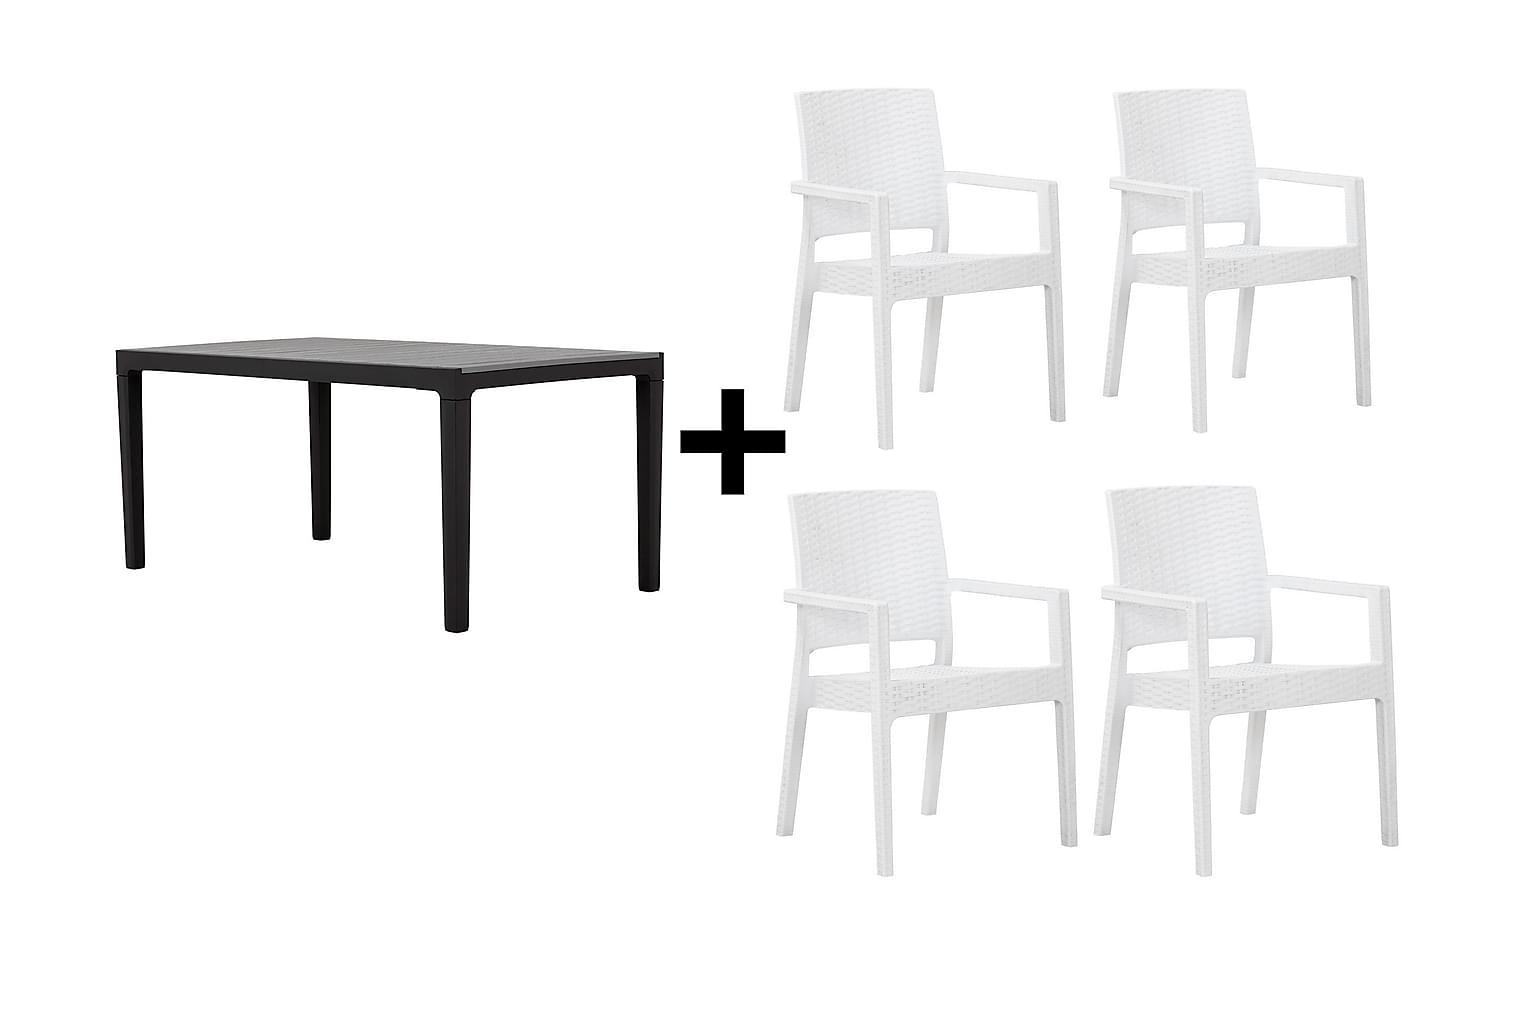 BILBAO Pöytä 160 Harmaa/Musta + 4 LEORA Karmituolia Valkoine